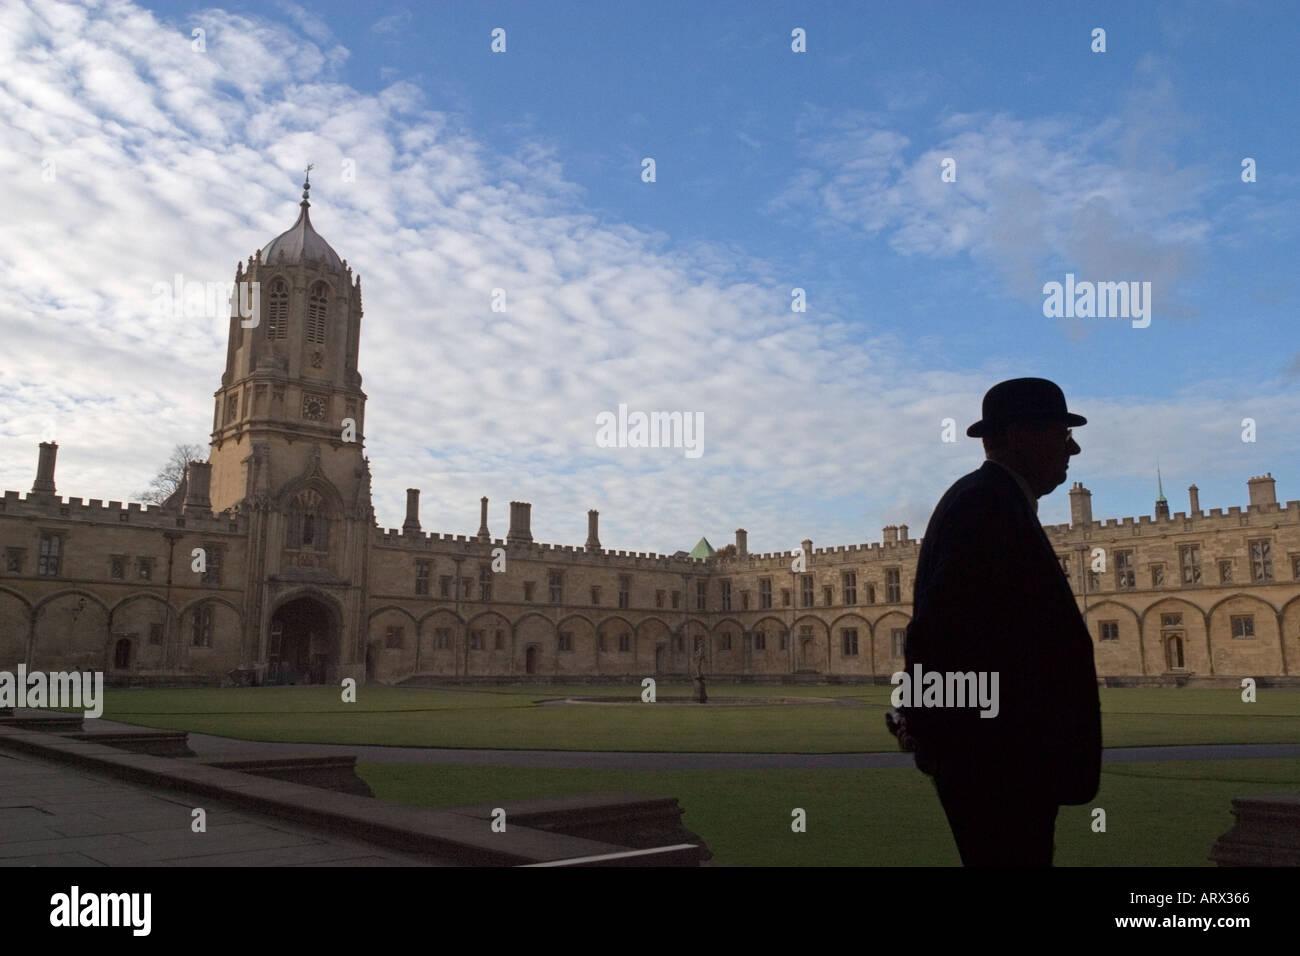 Cour intérieure du Christ Church College à l'Université d'Oxford Photo Stock